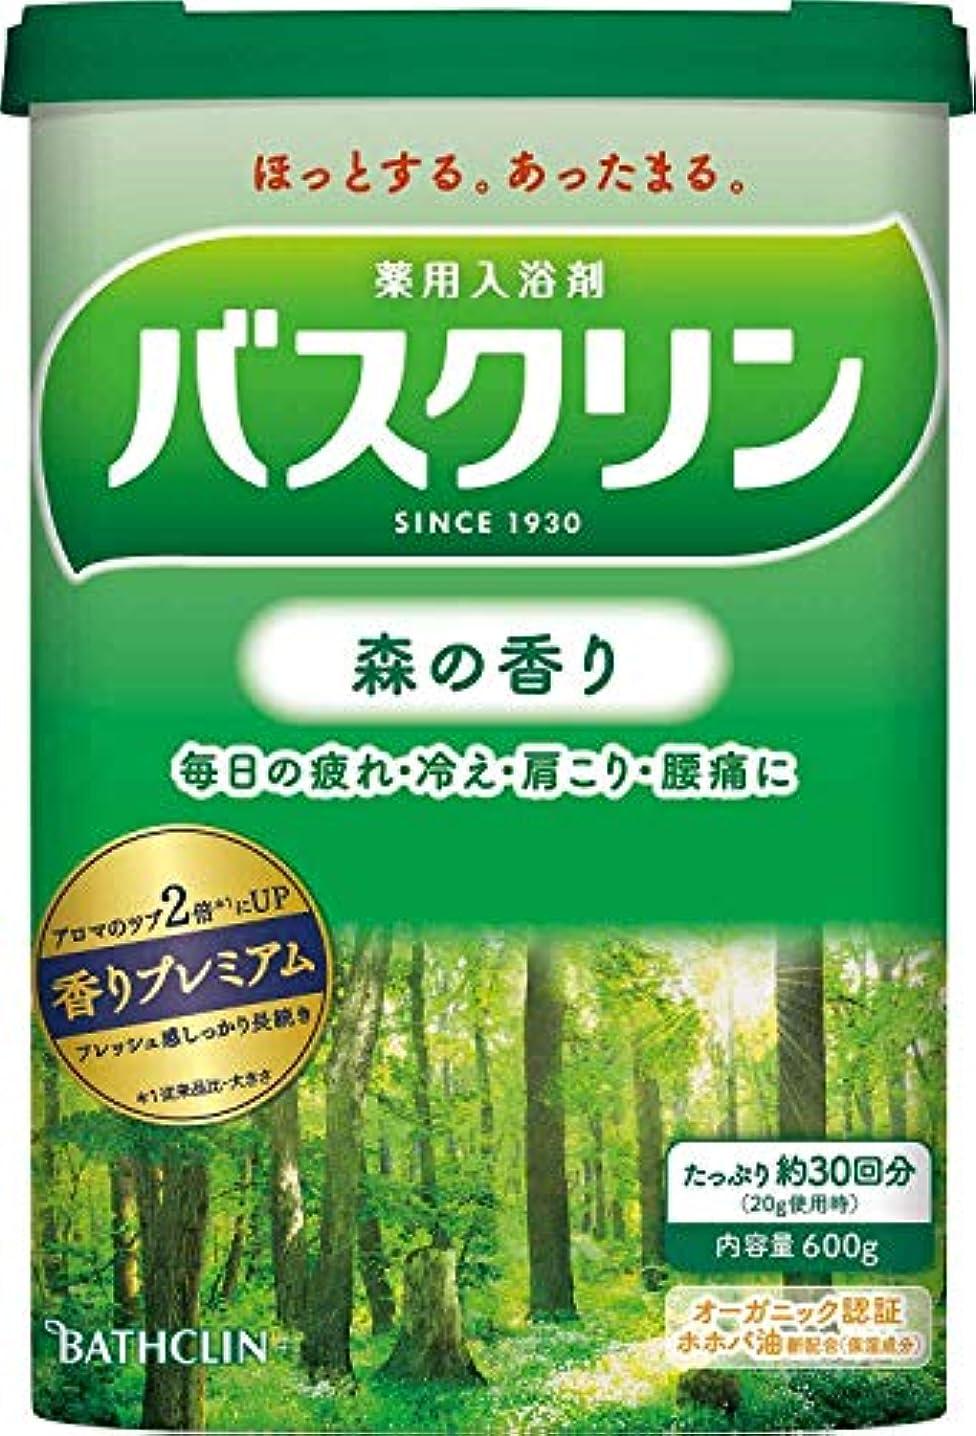 踏み台下線結論【医薬部外品】バスクリン森の香り600g入浴剤(約30回分)